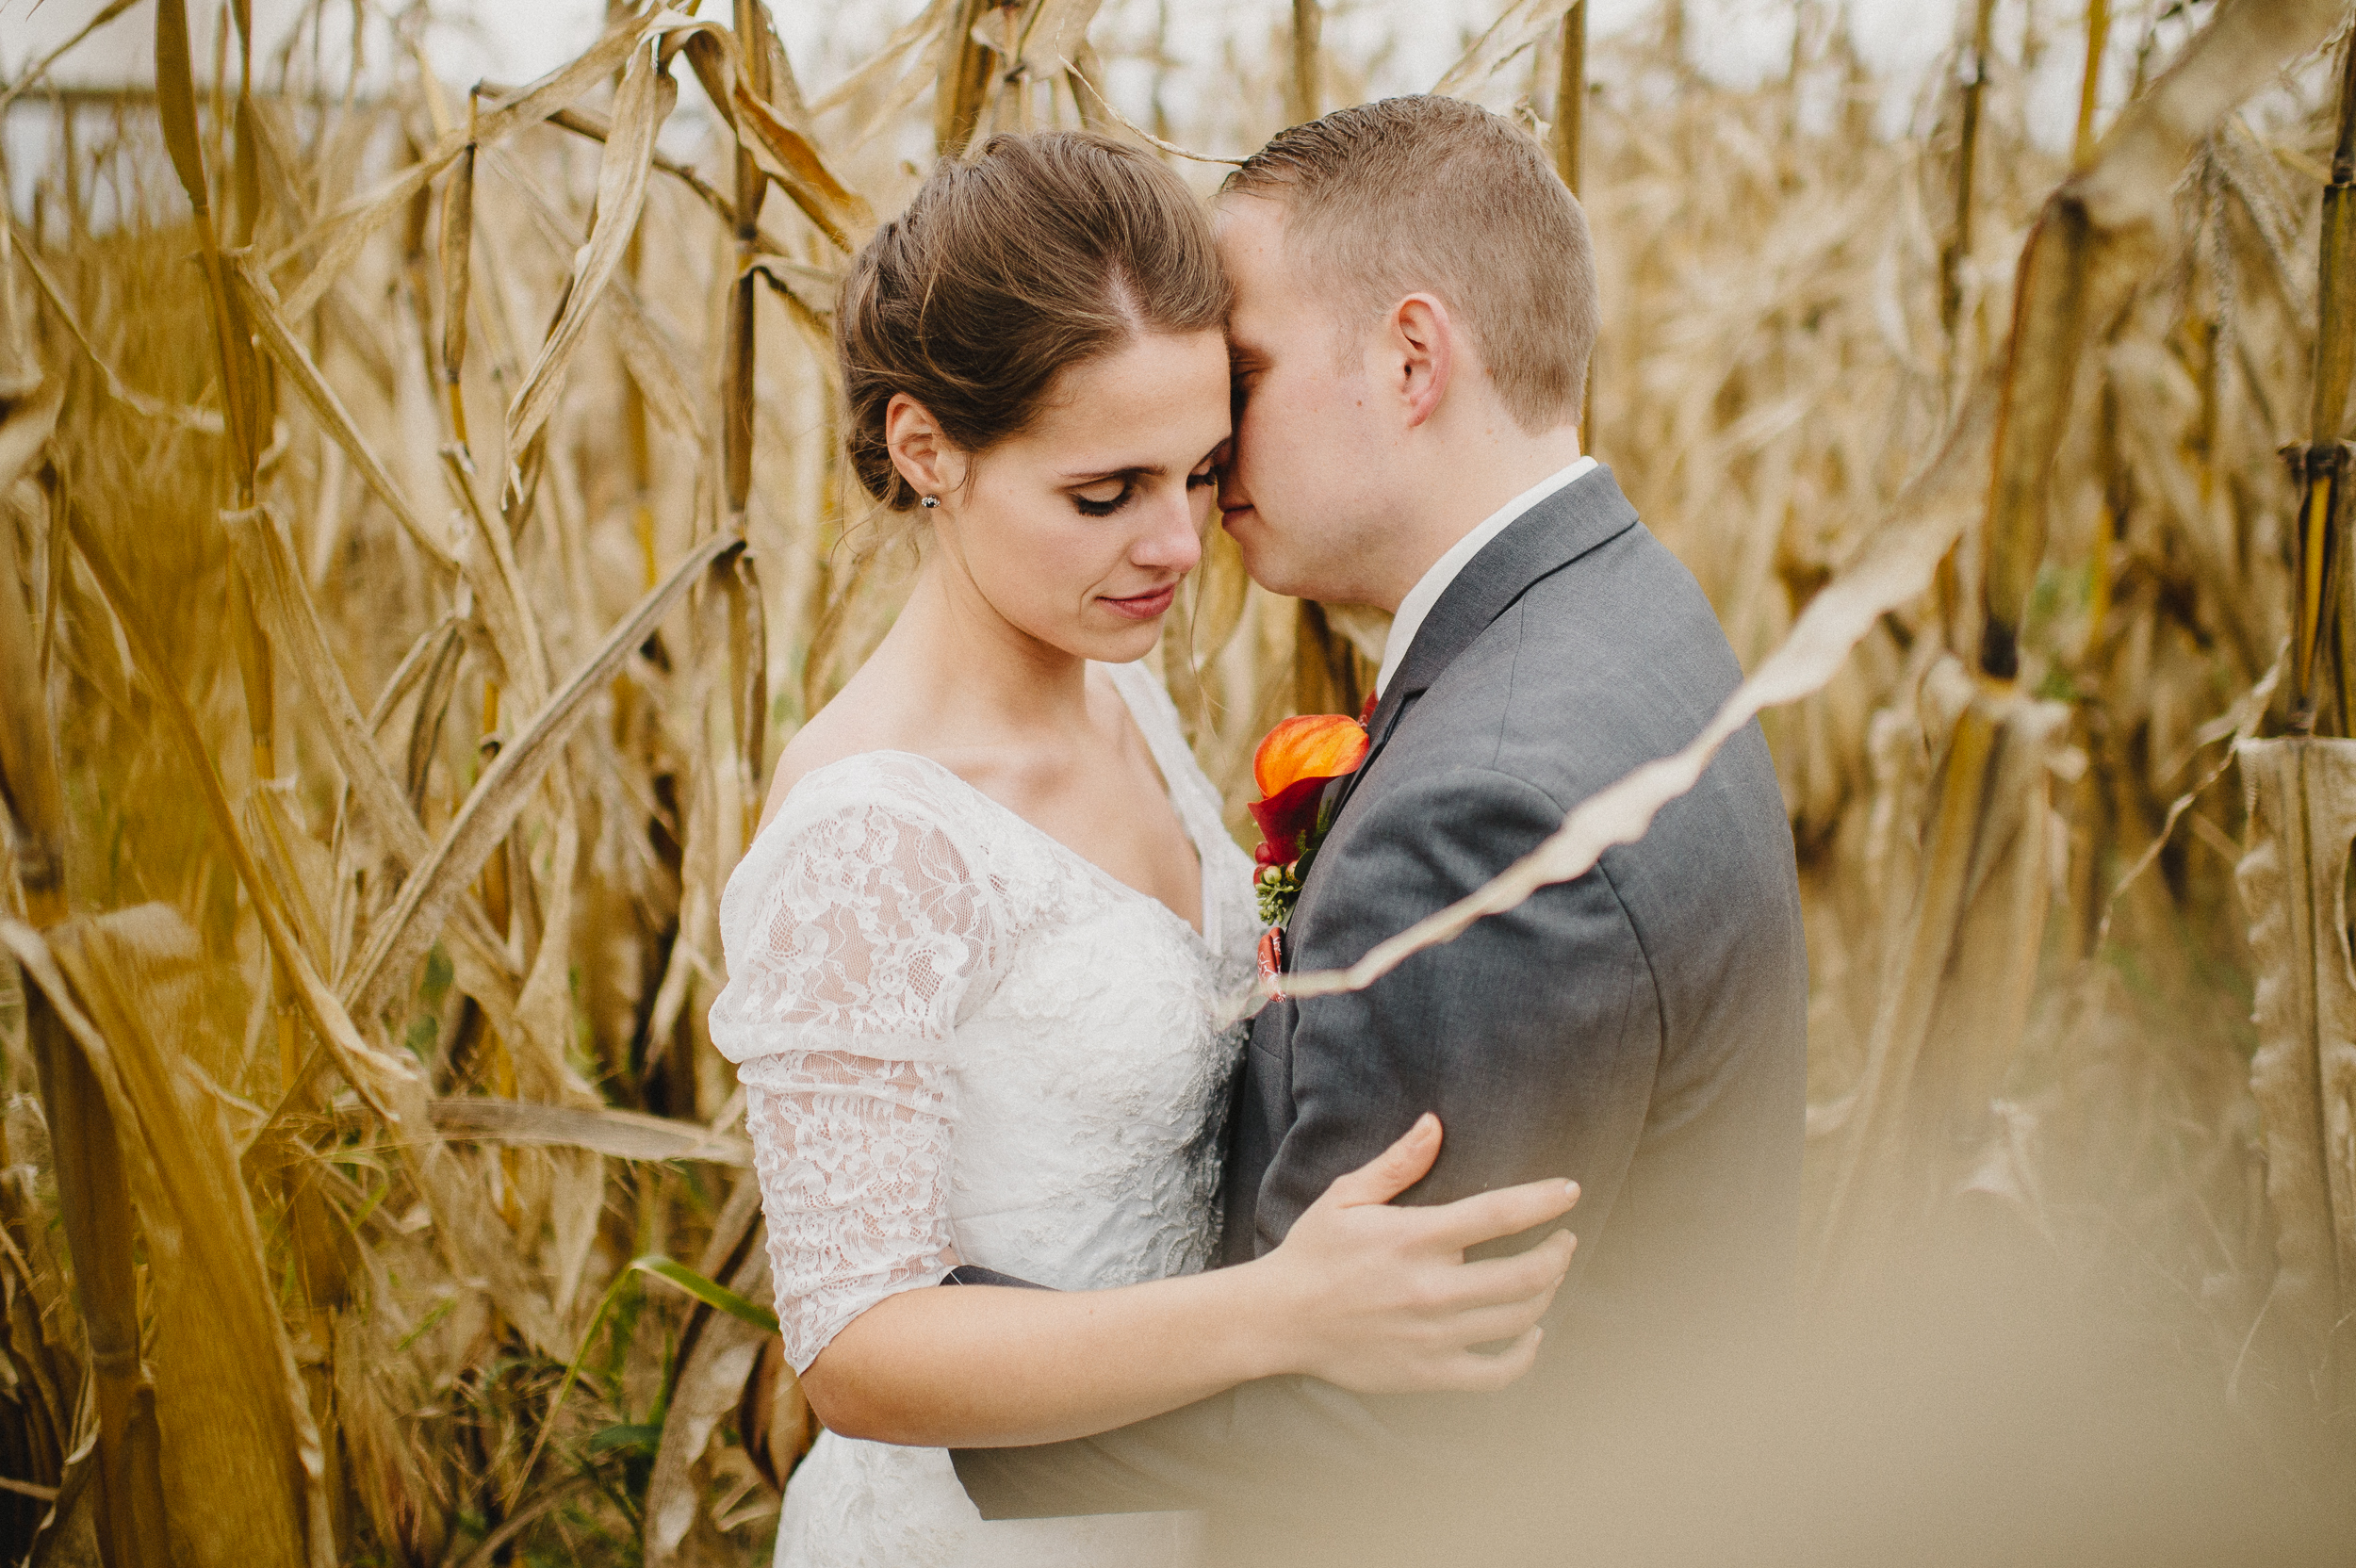 thousand-acre-farm-wedding-photographer-59.jpg